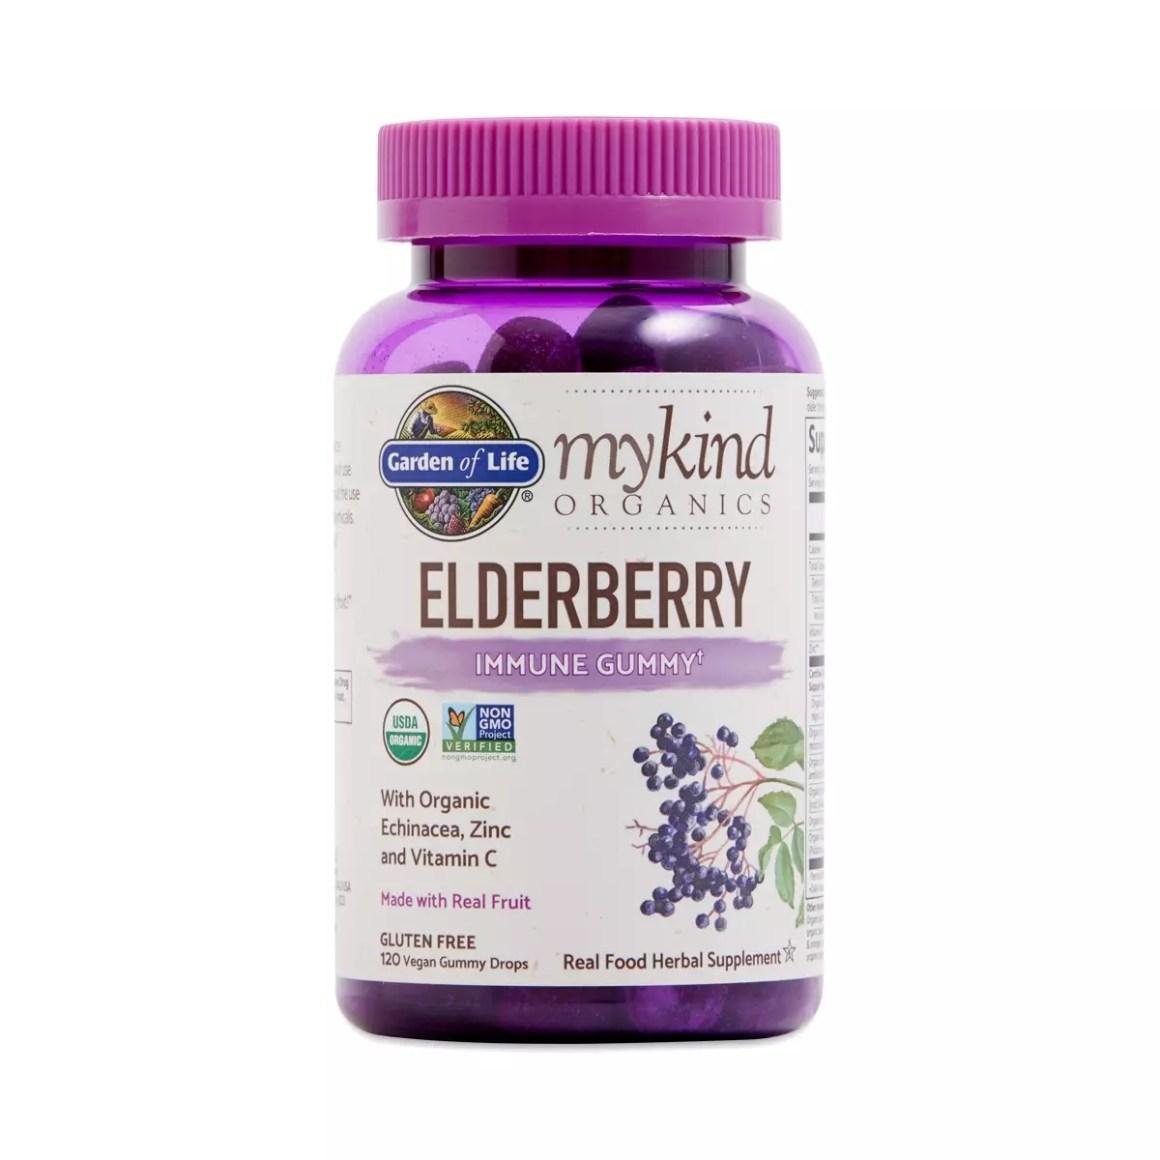 Garden of Life myKind Organics Elderberry Immune Gummies